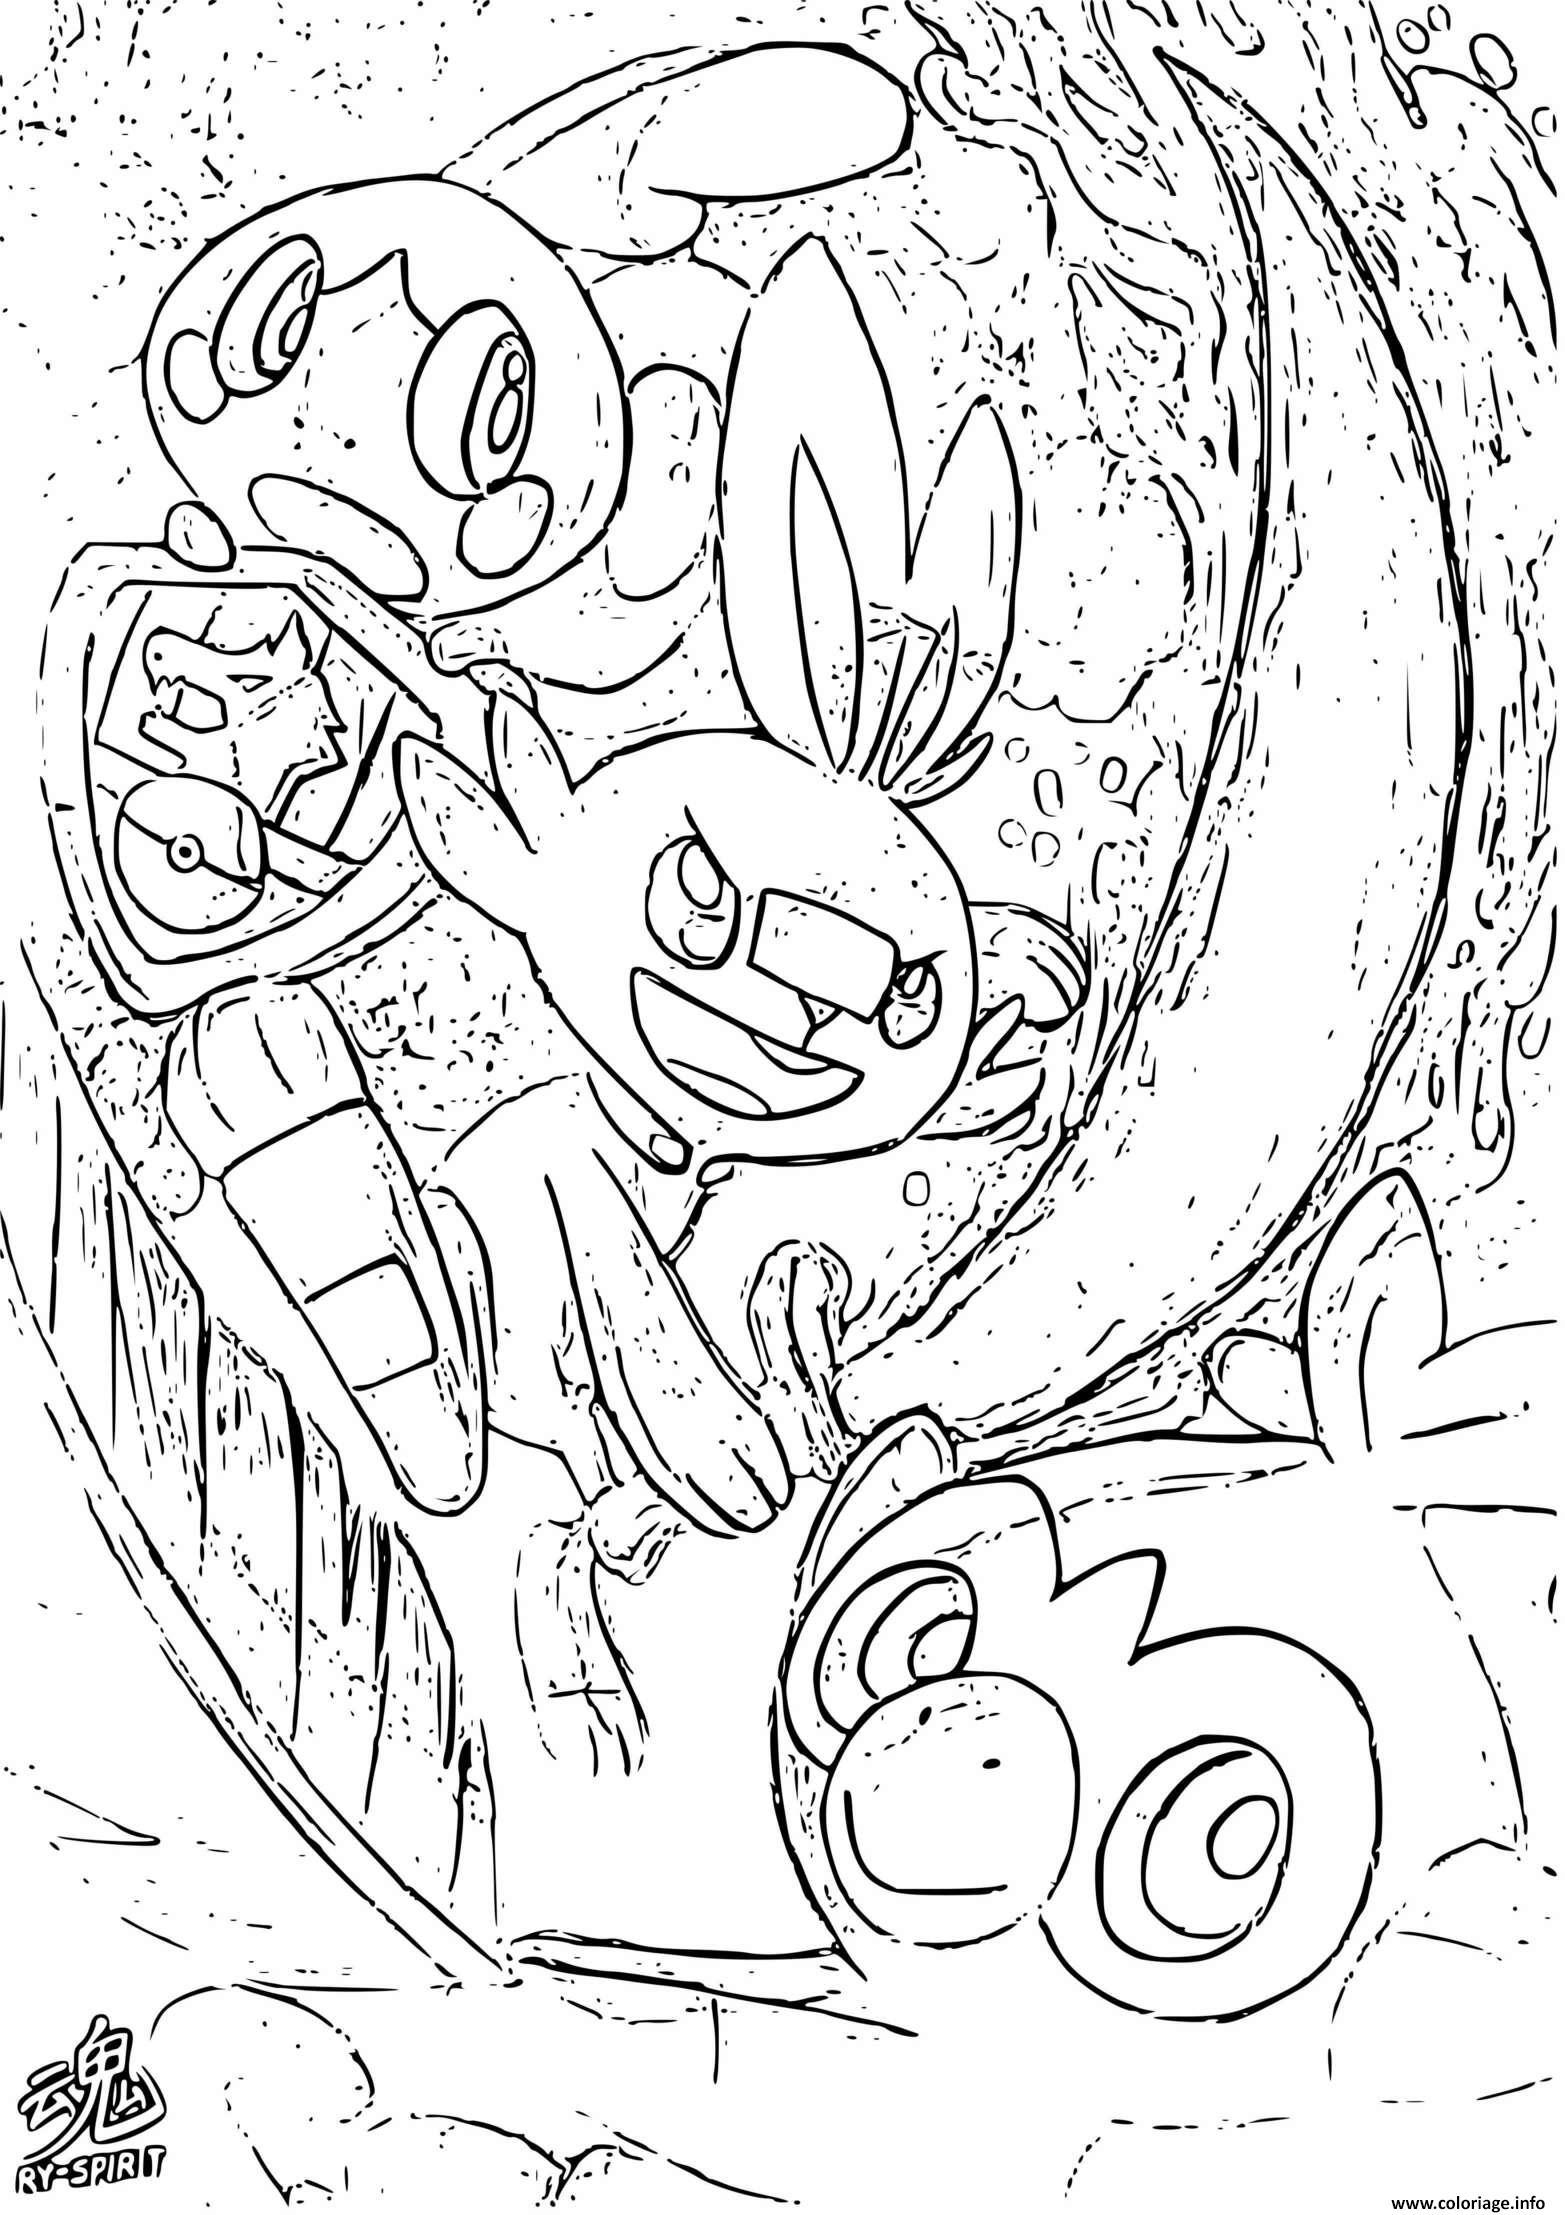 Dessin pokemon sword and shield by ryspirit Coloriage Gratuit à Imprimer